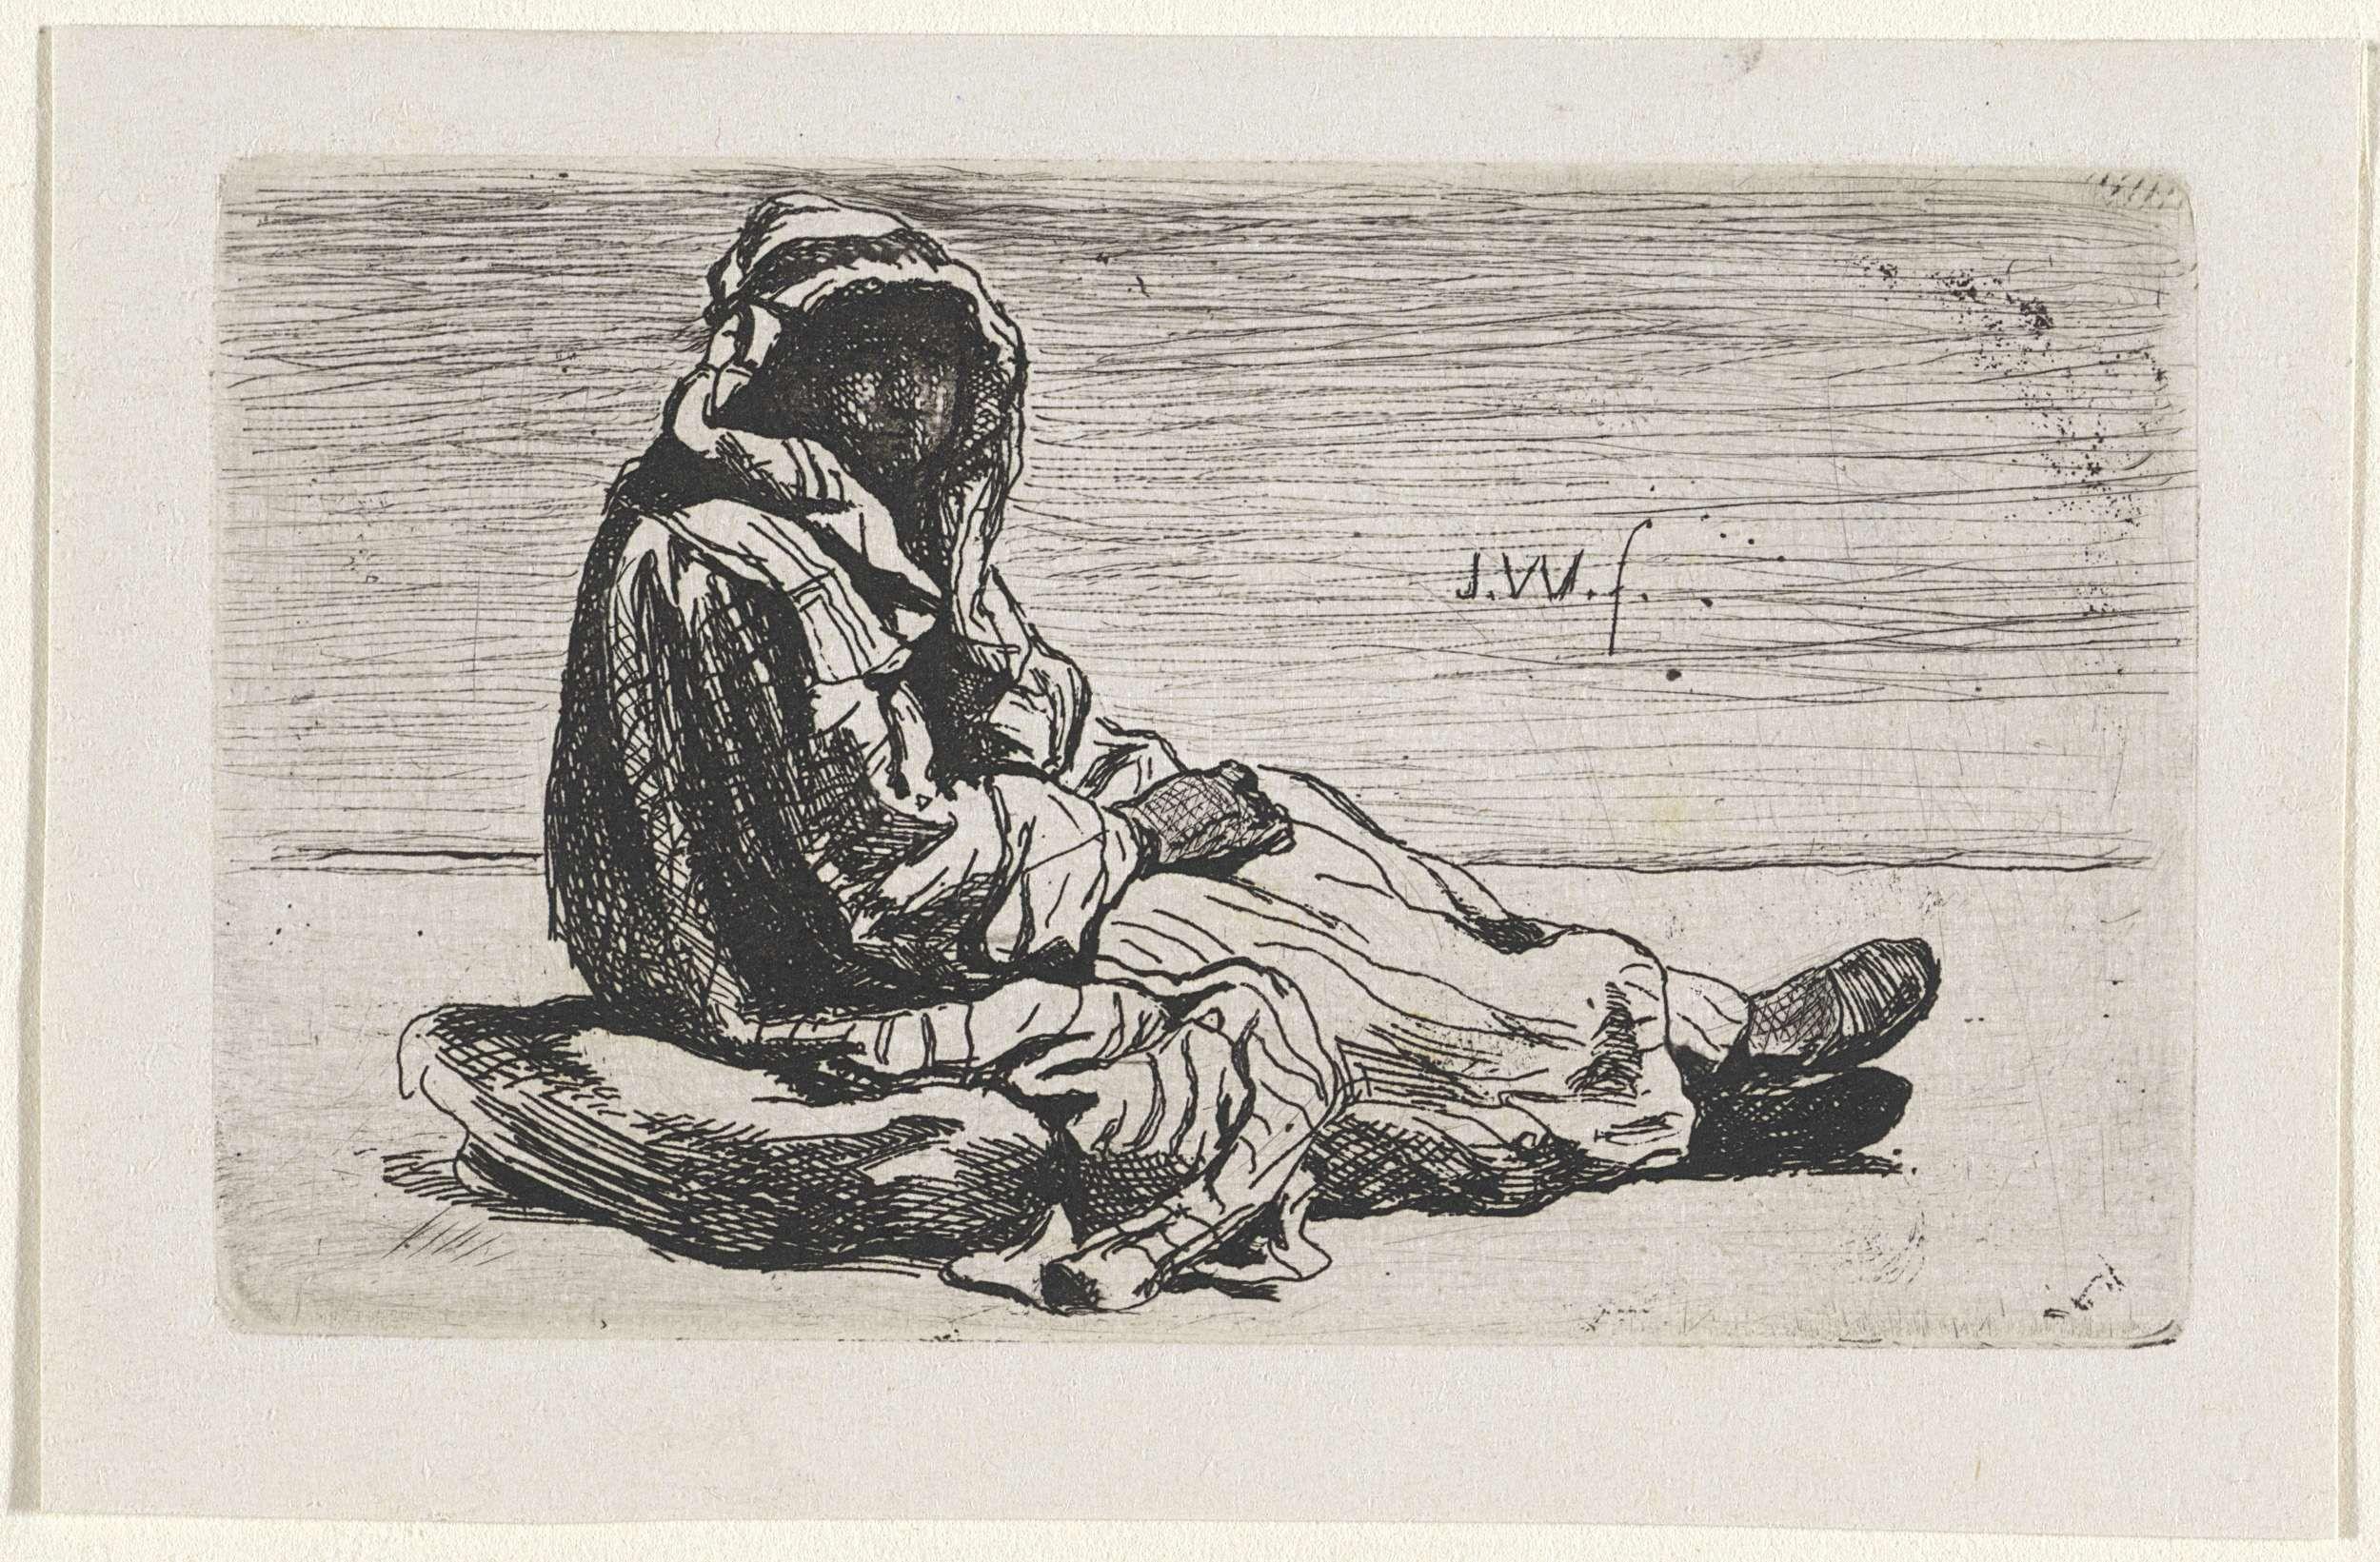 Jan Weissenbruch | Oosters geklede figuur op een kussen, Jan Weissenbruch, 1837 - 1880 | Een figuur in Oosterse kledij zit op een kussen.